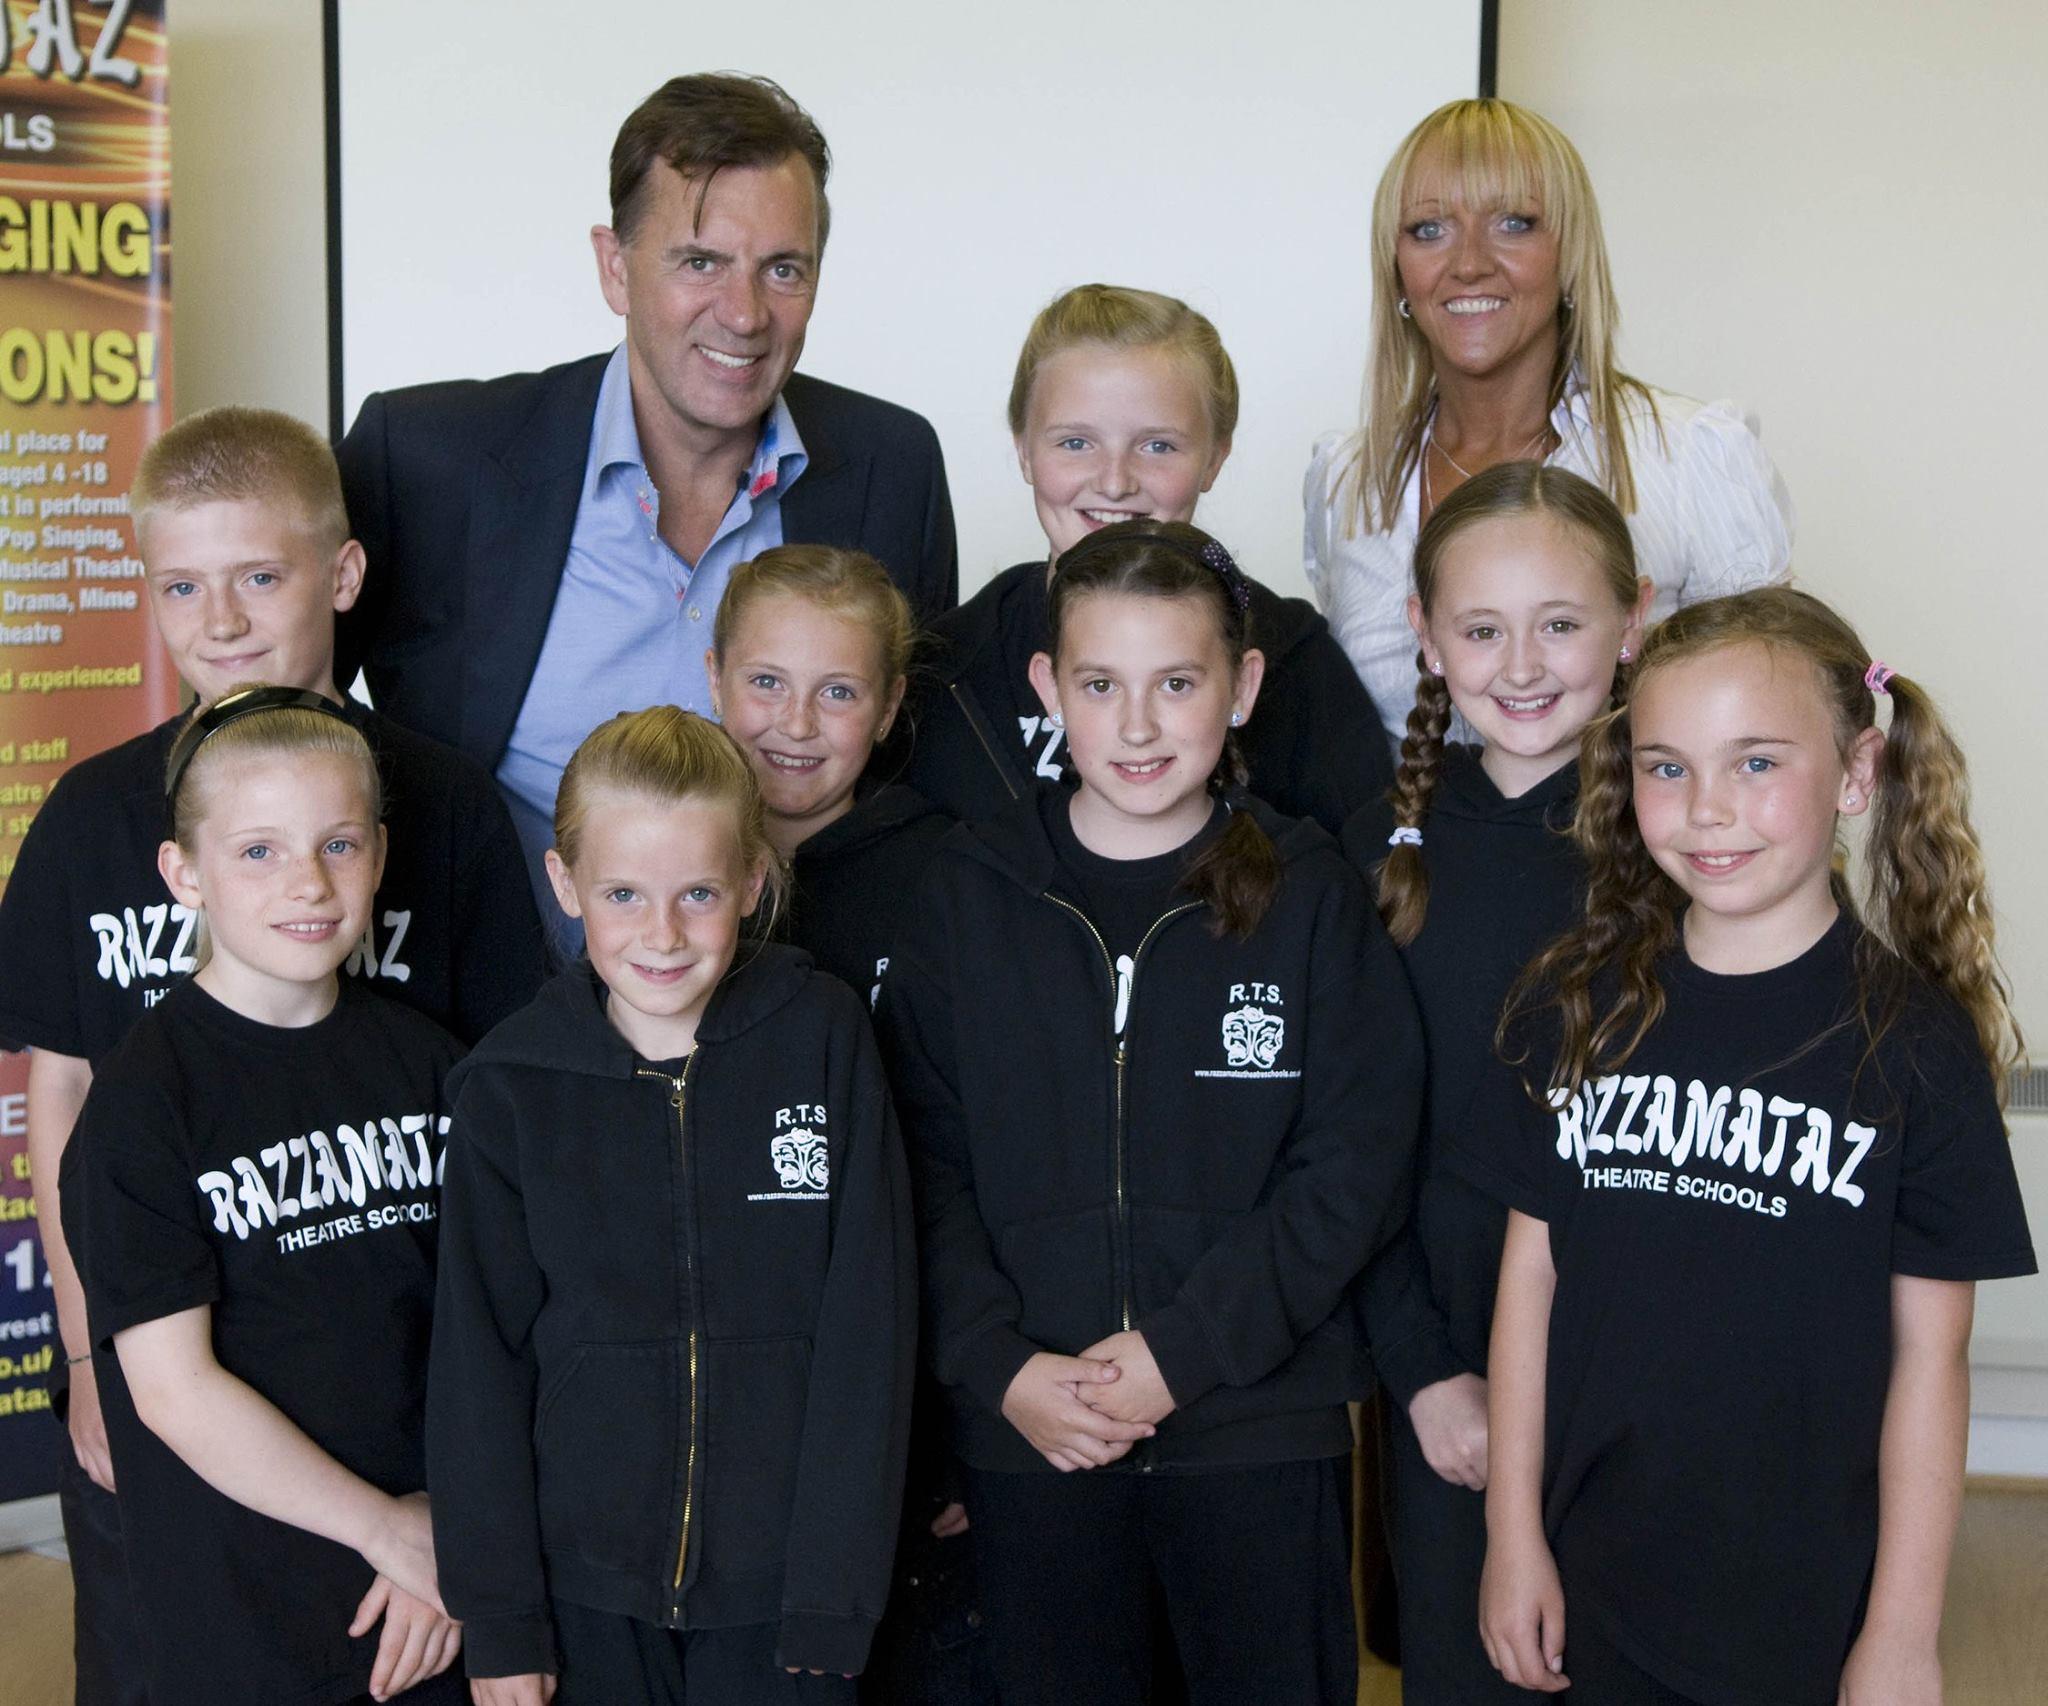 Duncan Bannatyne and Denise with Razzamataz students